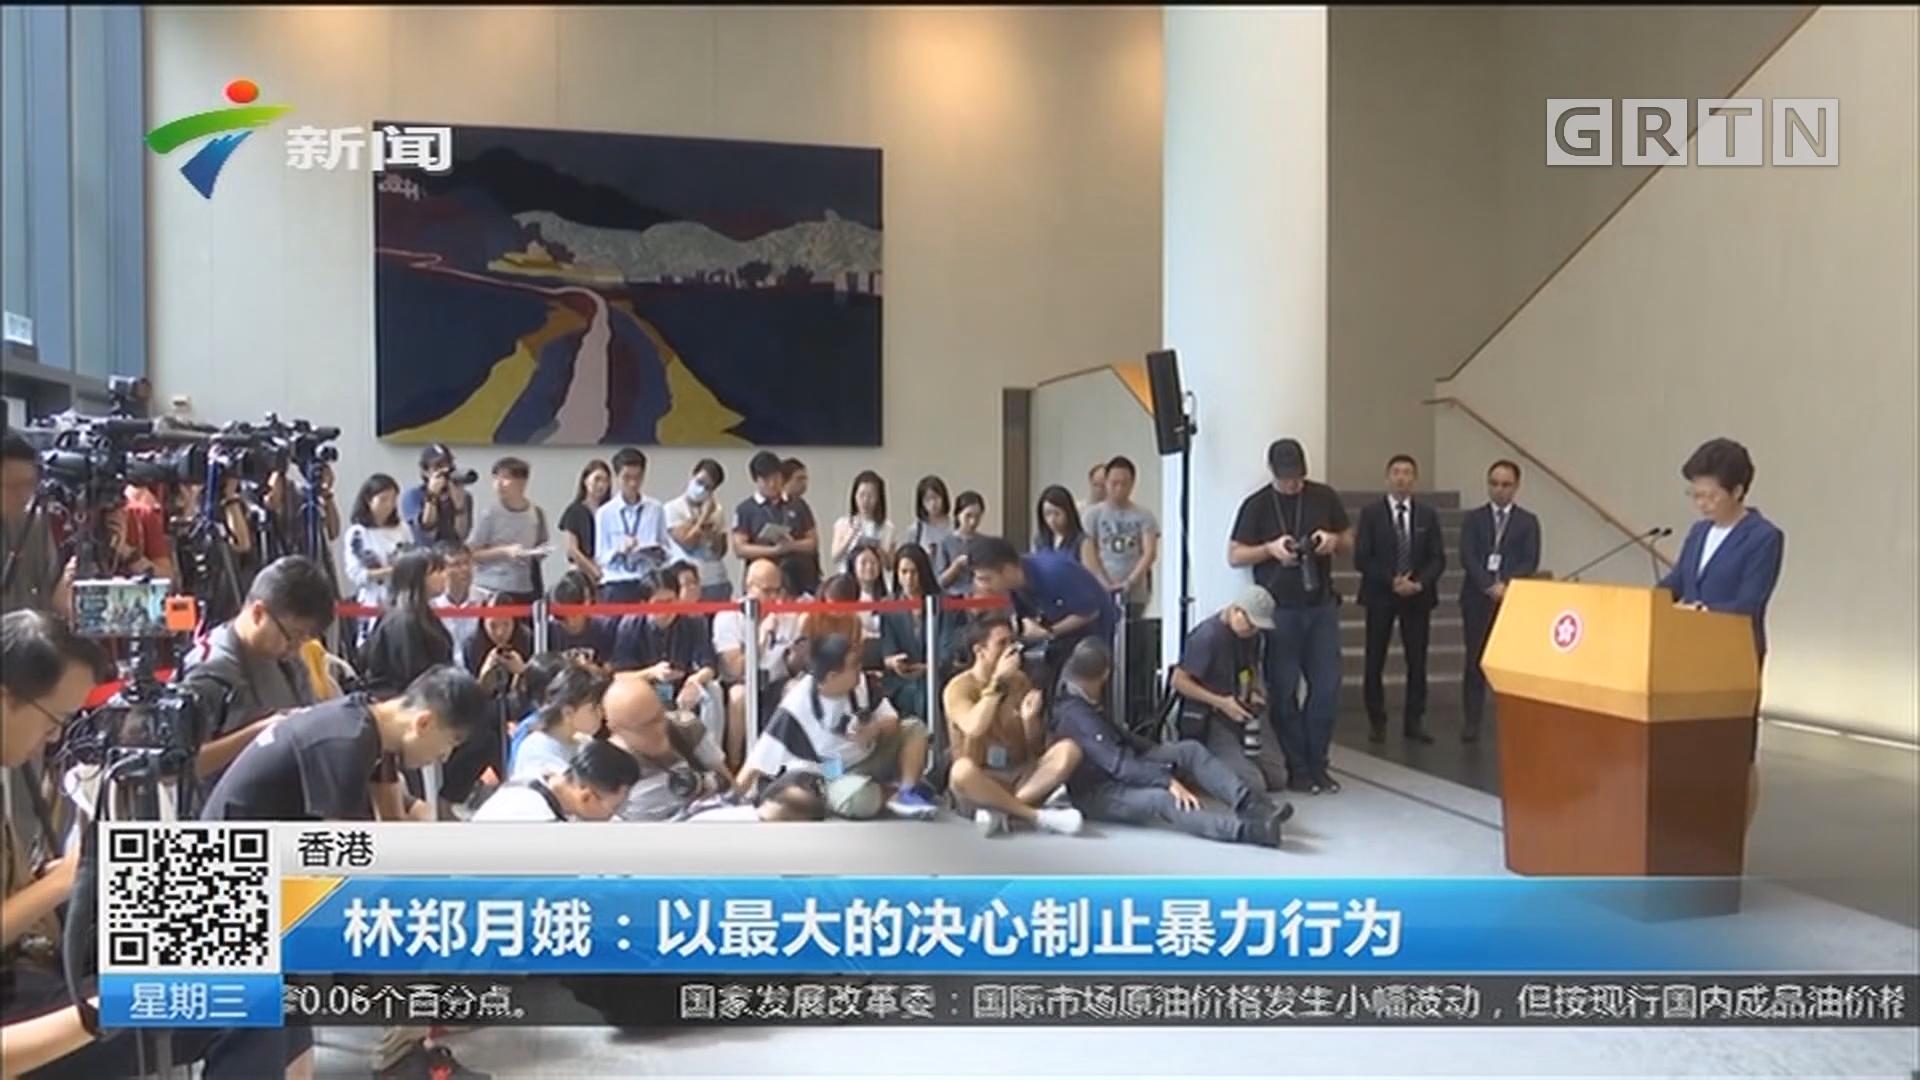 香港 林郑月娥:以最大的决心制止暴力行为